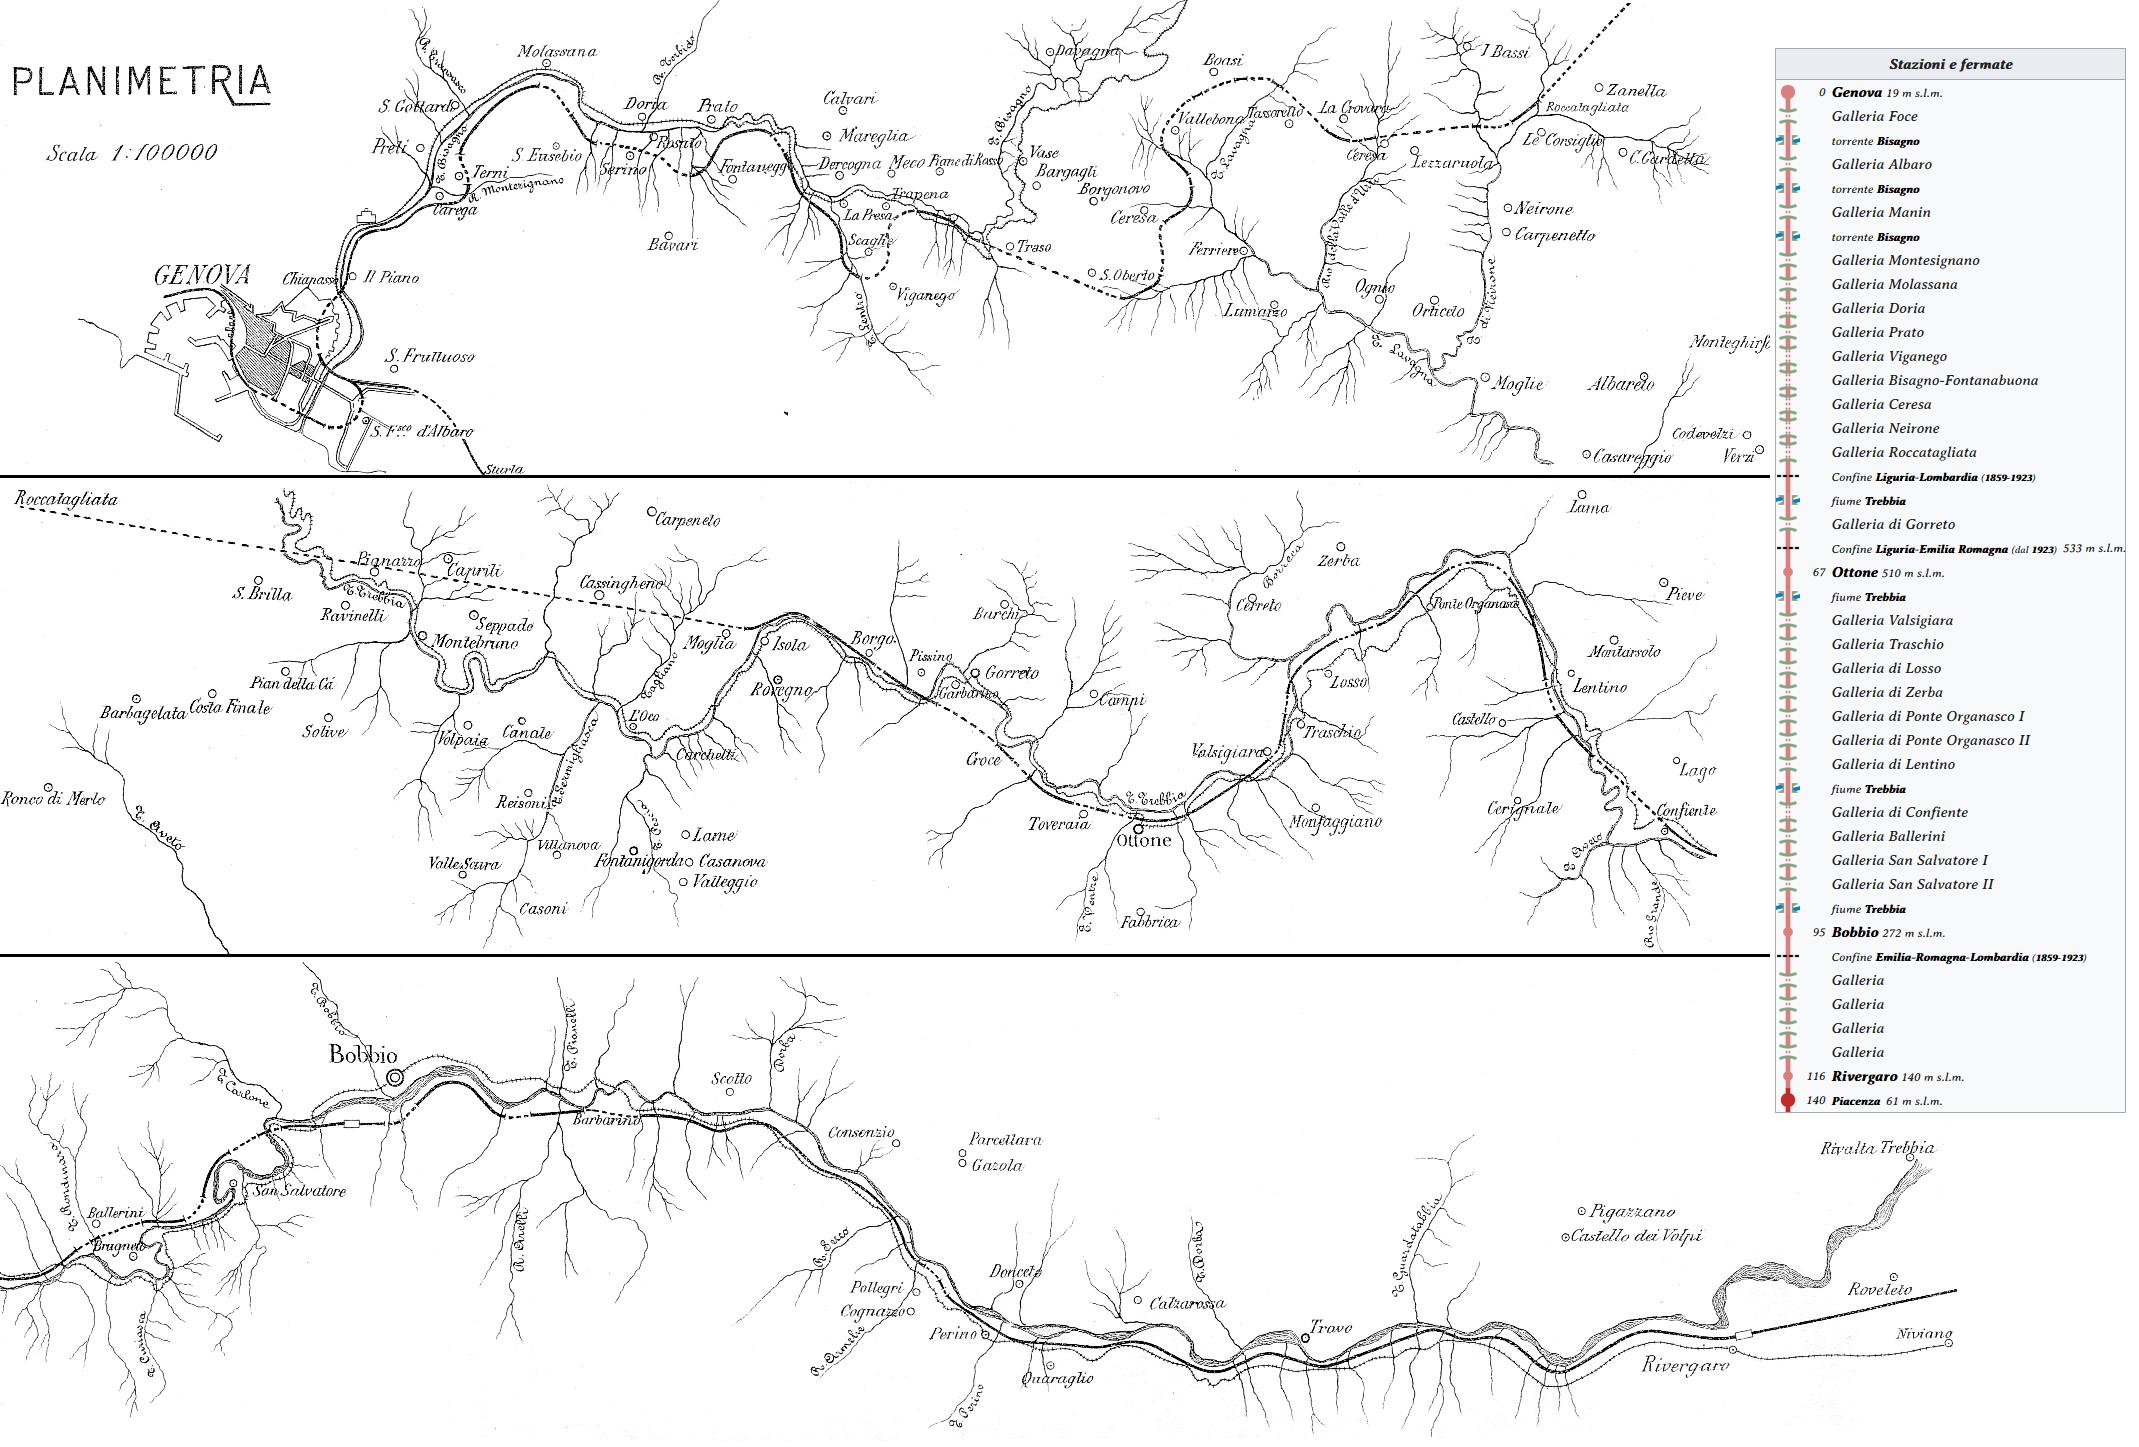 Cartografia della linea Ferroviaria: Genova-Piacenza (1914)